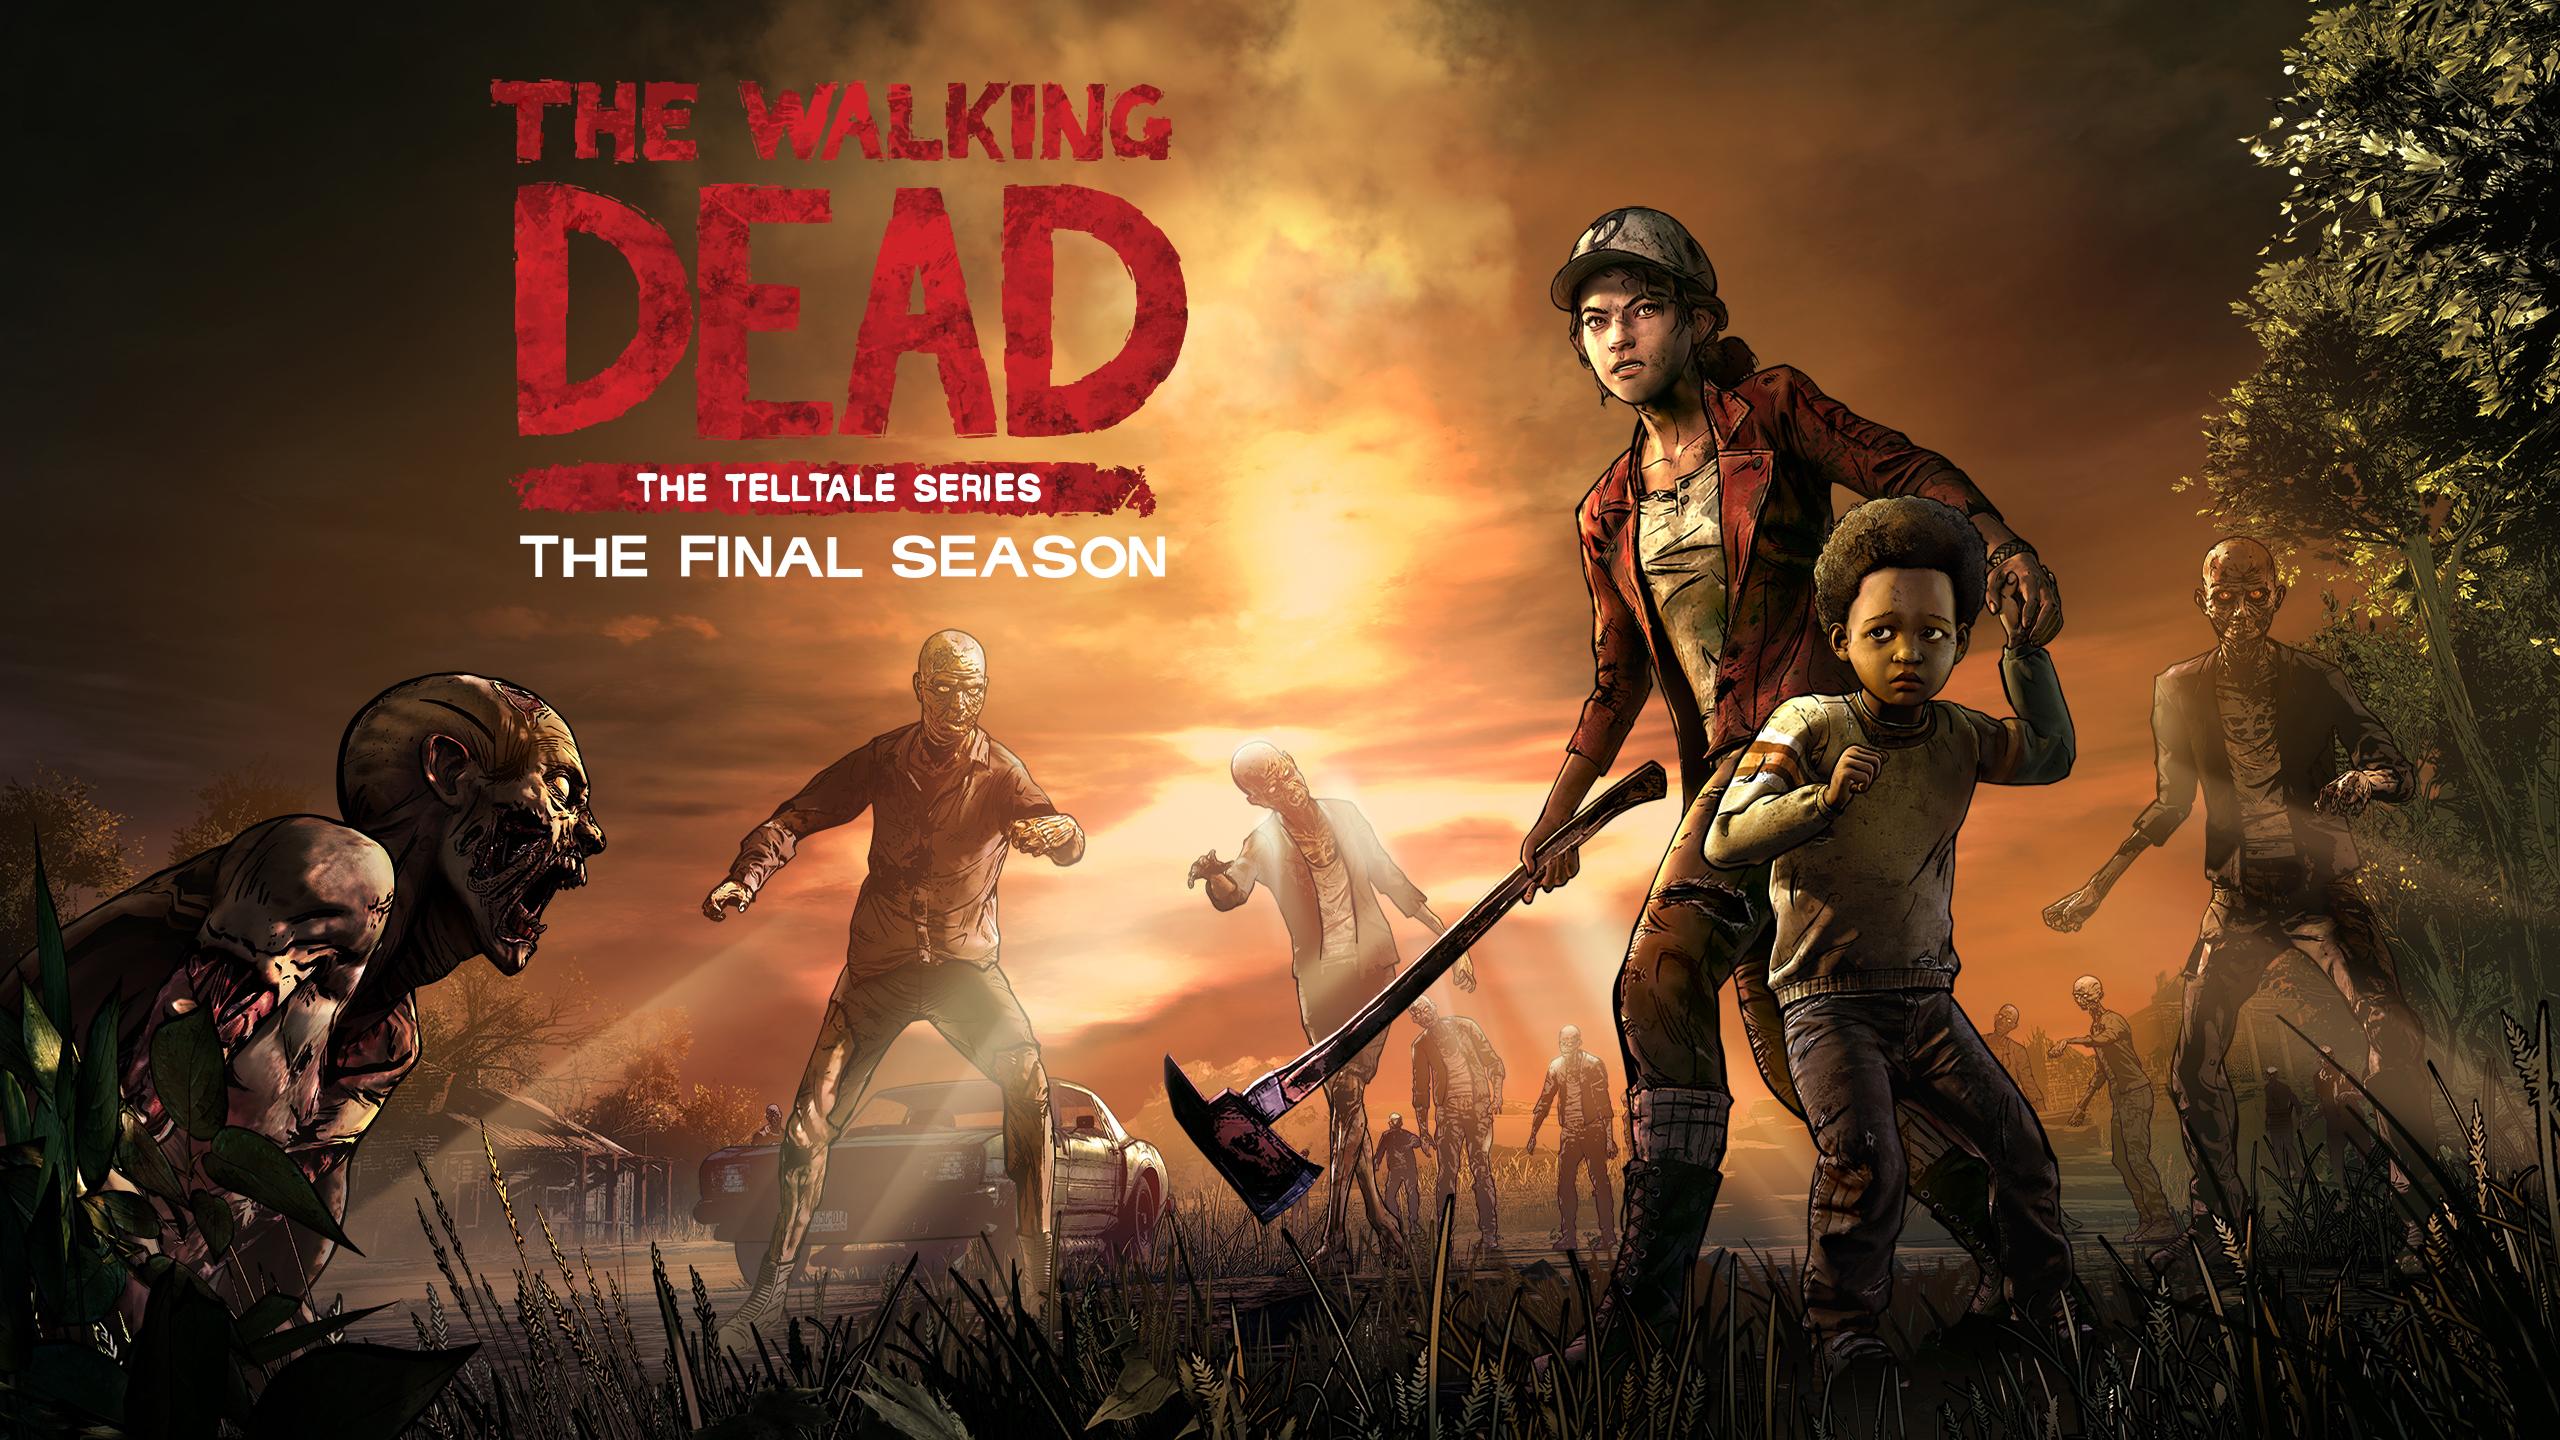 """Jogue a história completa de Clementine na emocionante conclusão de """"The Walking Dead"""". O episódio final e todas as outras temporadas já estão disponíveis!"""